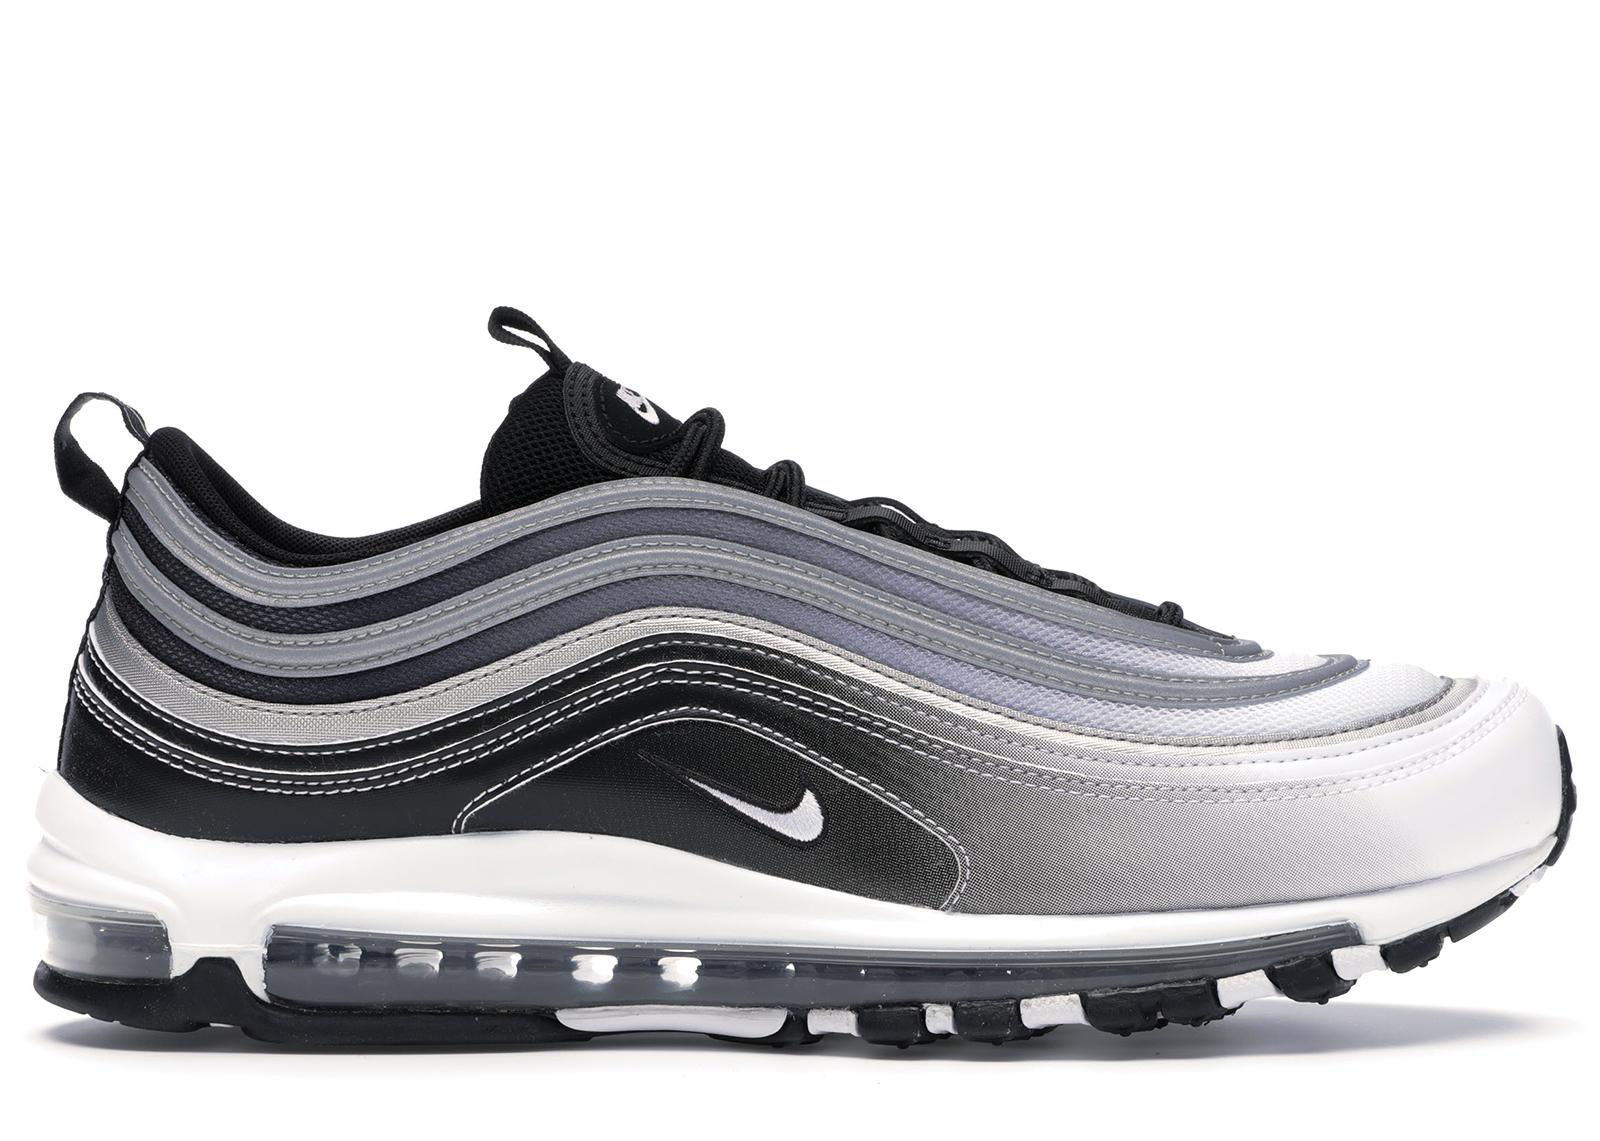 air max 97 grise et noire